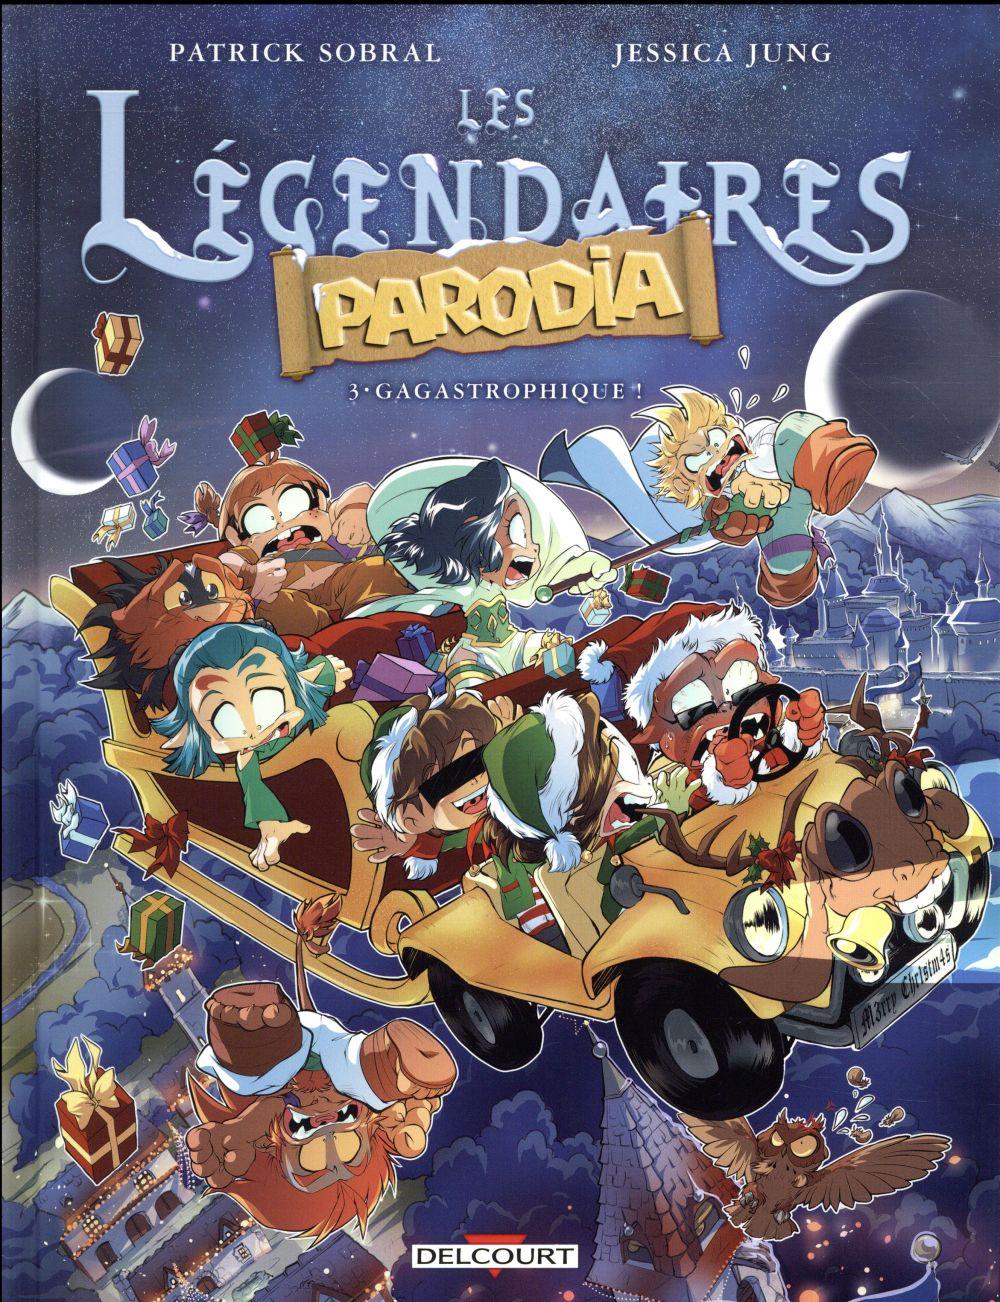 LES LEGENDAIRES - PARODIA T03 - GAGASTROPHIQUE ! SOBRAL, PATRICK